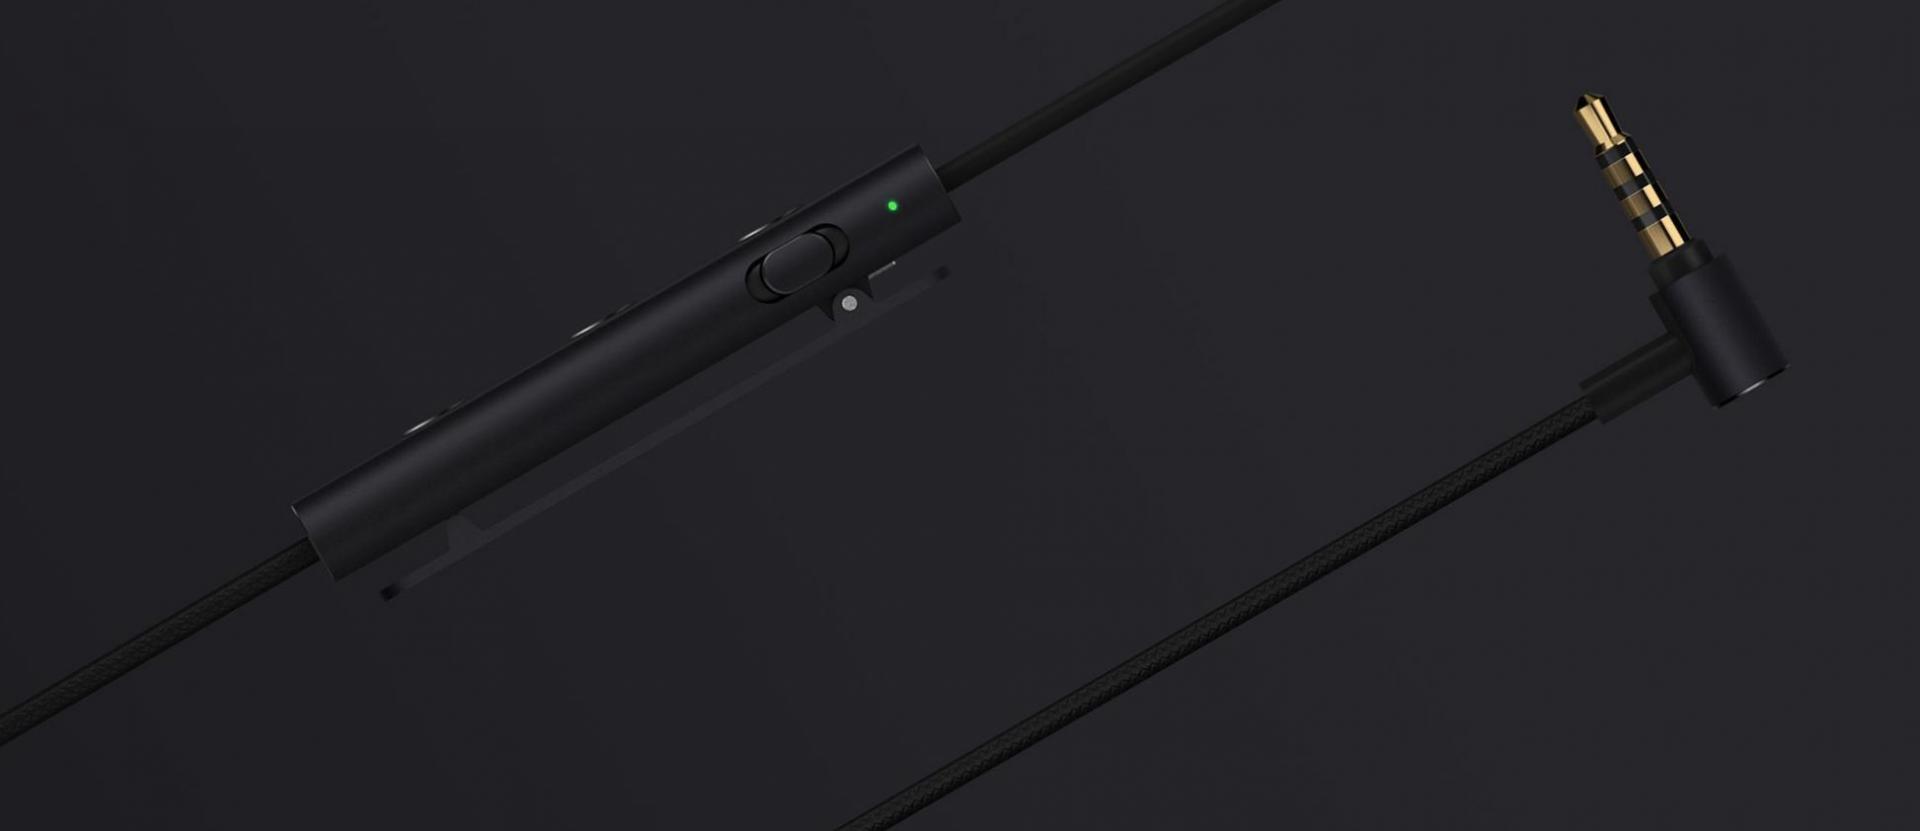 У Xiaomi появились наушники Mi Noise Cancelling с шумоподавлением